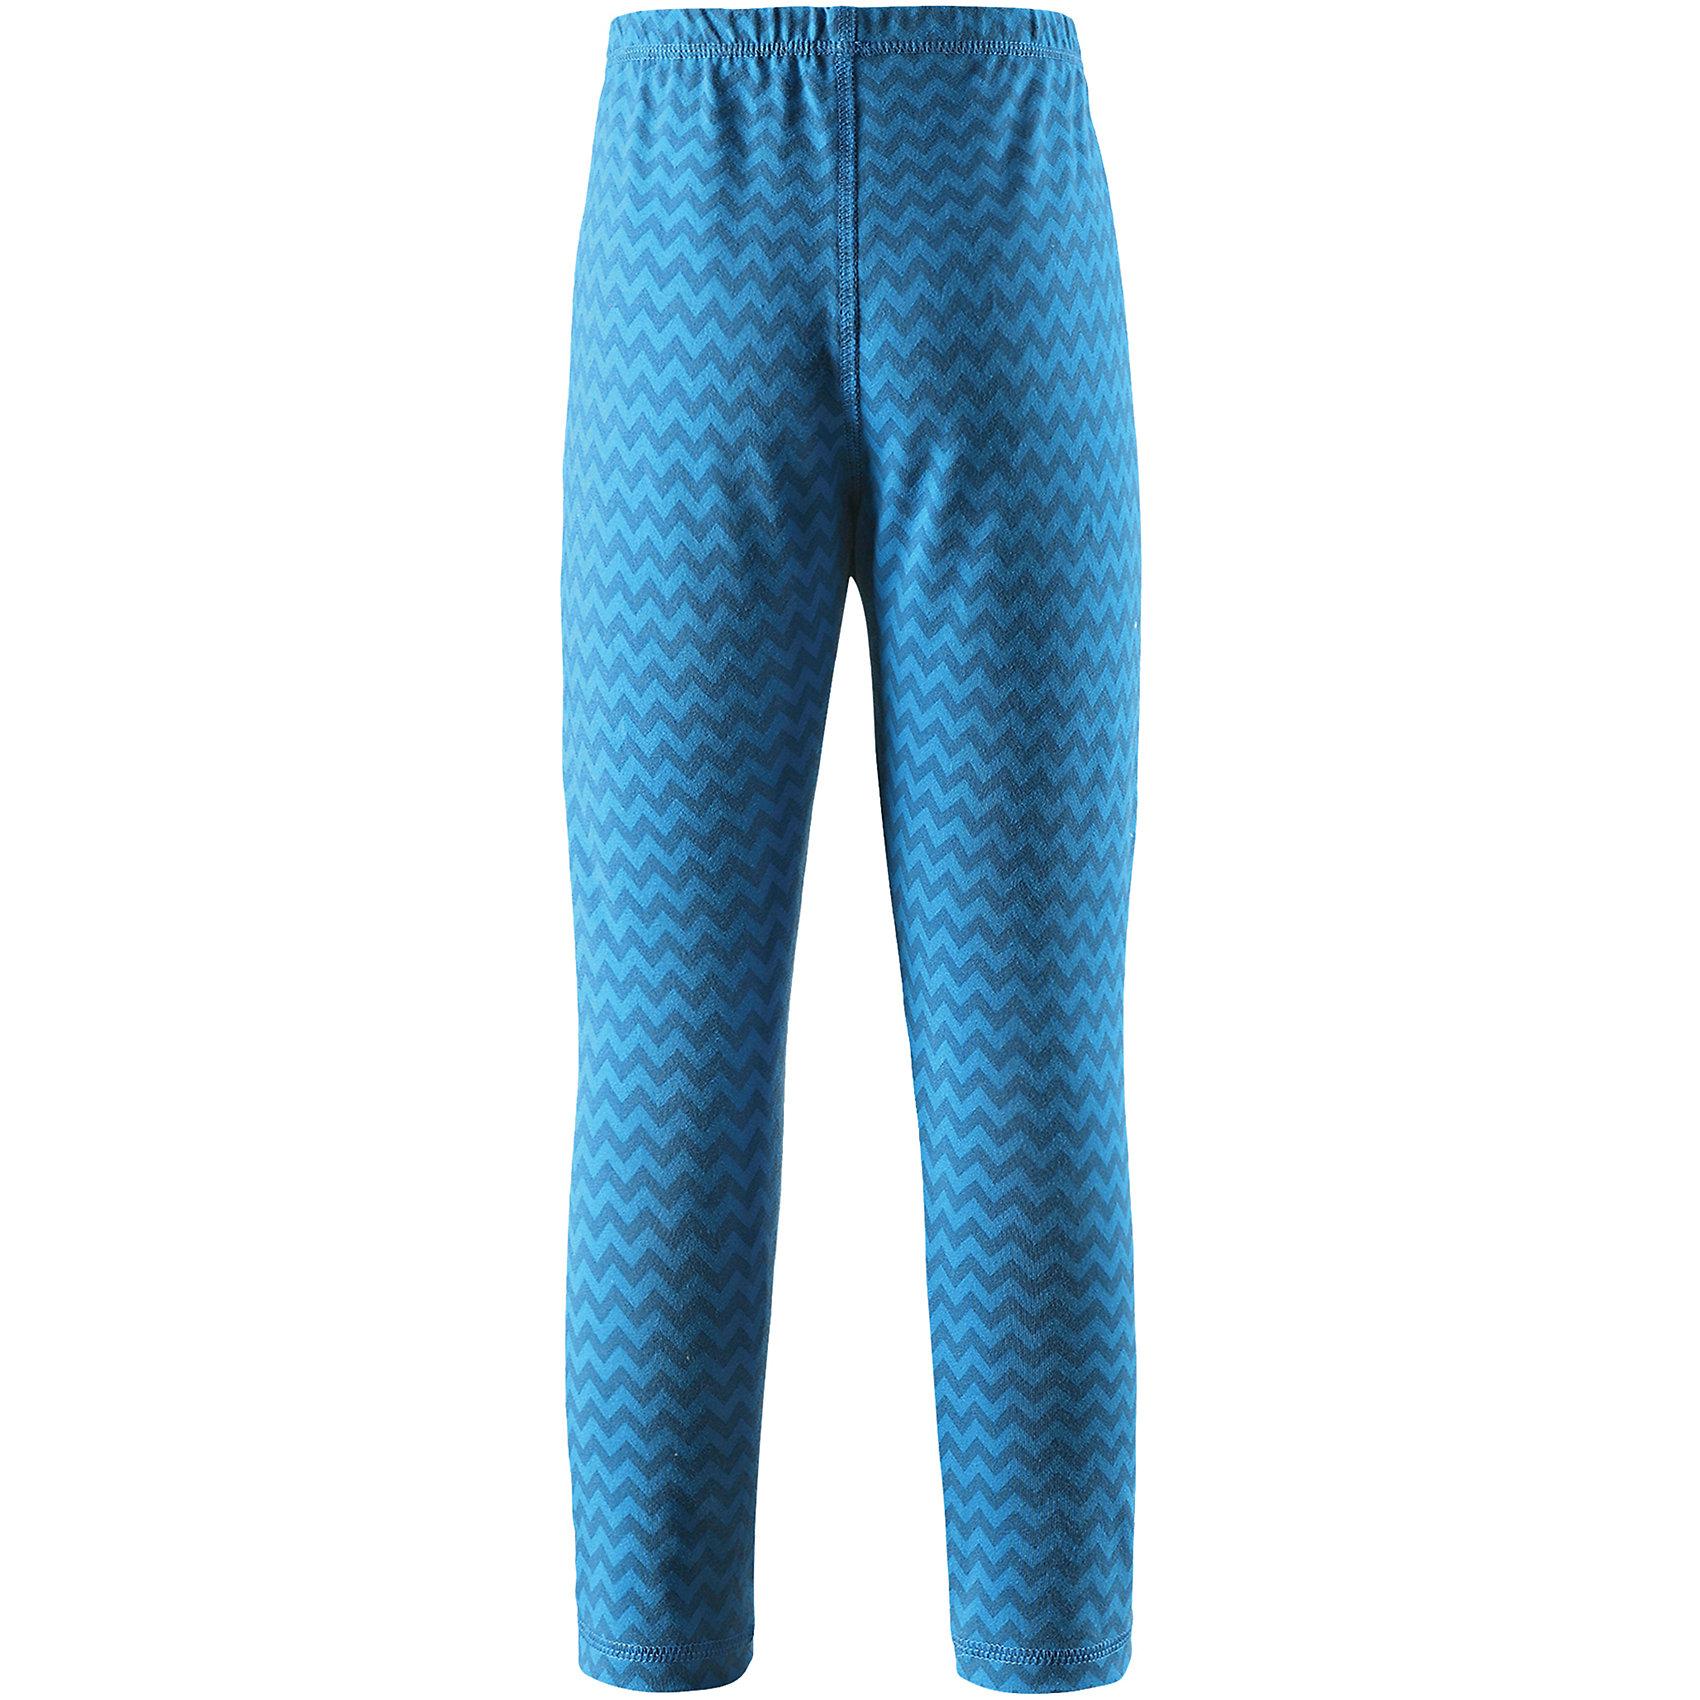 Брюки Reima ToimiiФлис и термобелье<br>Характеристики товара:<br><br>• цвет: голубой;<br>• состав: 61% хлопок, 33% полиэстер, 6% эластан; <br>• сезон: демисезон;<br>• быстросохнущий материал Play jersey, приятный на ощупь;<br>• мягкий хлопчатобумажный верх, внутренняя поверхность хорошо выводит влагу;<br>• эластичная талия;<br>• страна бренда: Финляндия;<br>• страна изготовитель: Китай;<br><br>Леггинсы изготовлены из удобного быстросохнущего материала Play Jersey. Хлопковая поверхность очень мягкая и приятна на ощупь, а изнаночная сторона эффективно отводит влагу. Благодаря эластану, ткань тянется, обеспечивает комфорт и не сковывает движений во время подвижных веселых игр. Одежду Play Jersey можно носить круглый год – материал имеет УФ-защиту 40+. <br><br>Брюки Toimii Reima (Рейма) можно купить в нашем интернет-магазине.<br><br>Ширина мм: 215<br>Глубина мм: 88<br>Высота мм: 191<br>Вес г: 336<br>Цвет: синий<br>Возраст от месяцев: 156<br>Возраст до месяцев: 168<br>Пол: Унисекс<br>Возраст: Детский<br>Размер: 164,92,98,104,110,116,128,134,140,146,152,158,122<br>SKU: 6906151